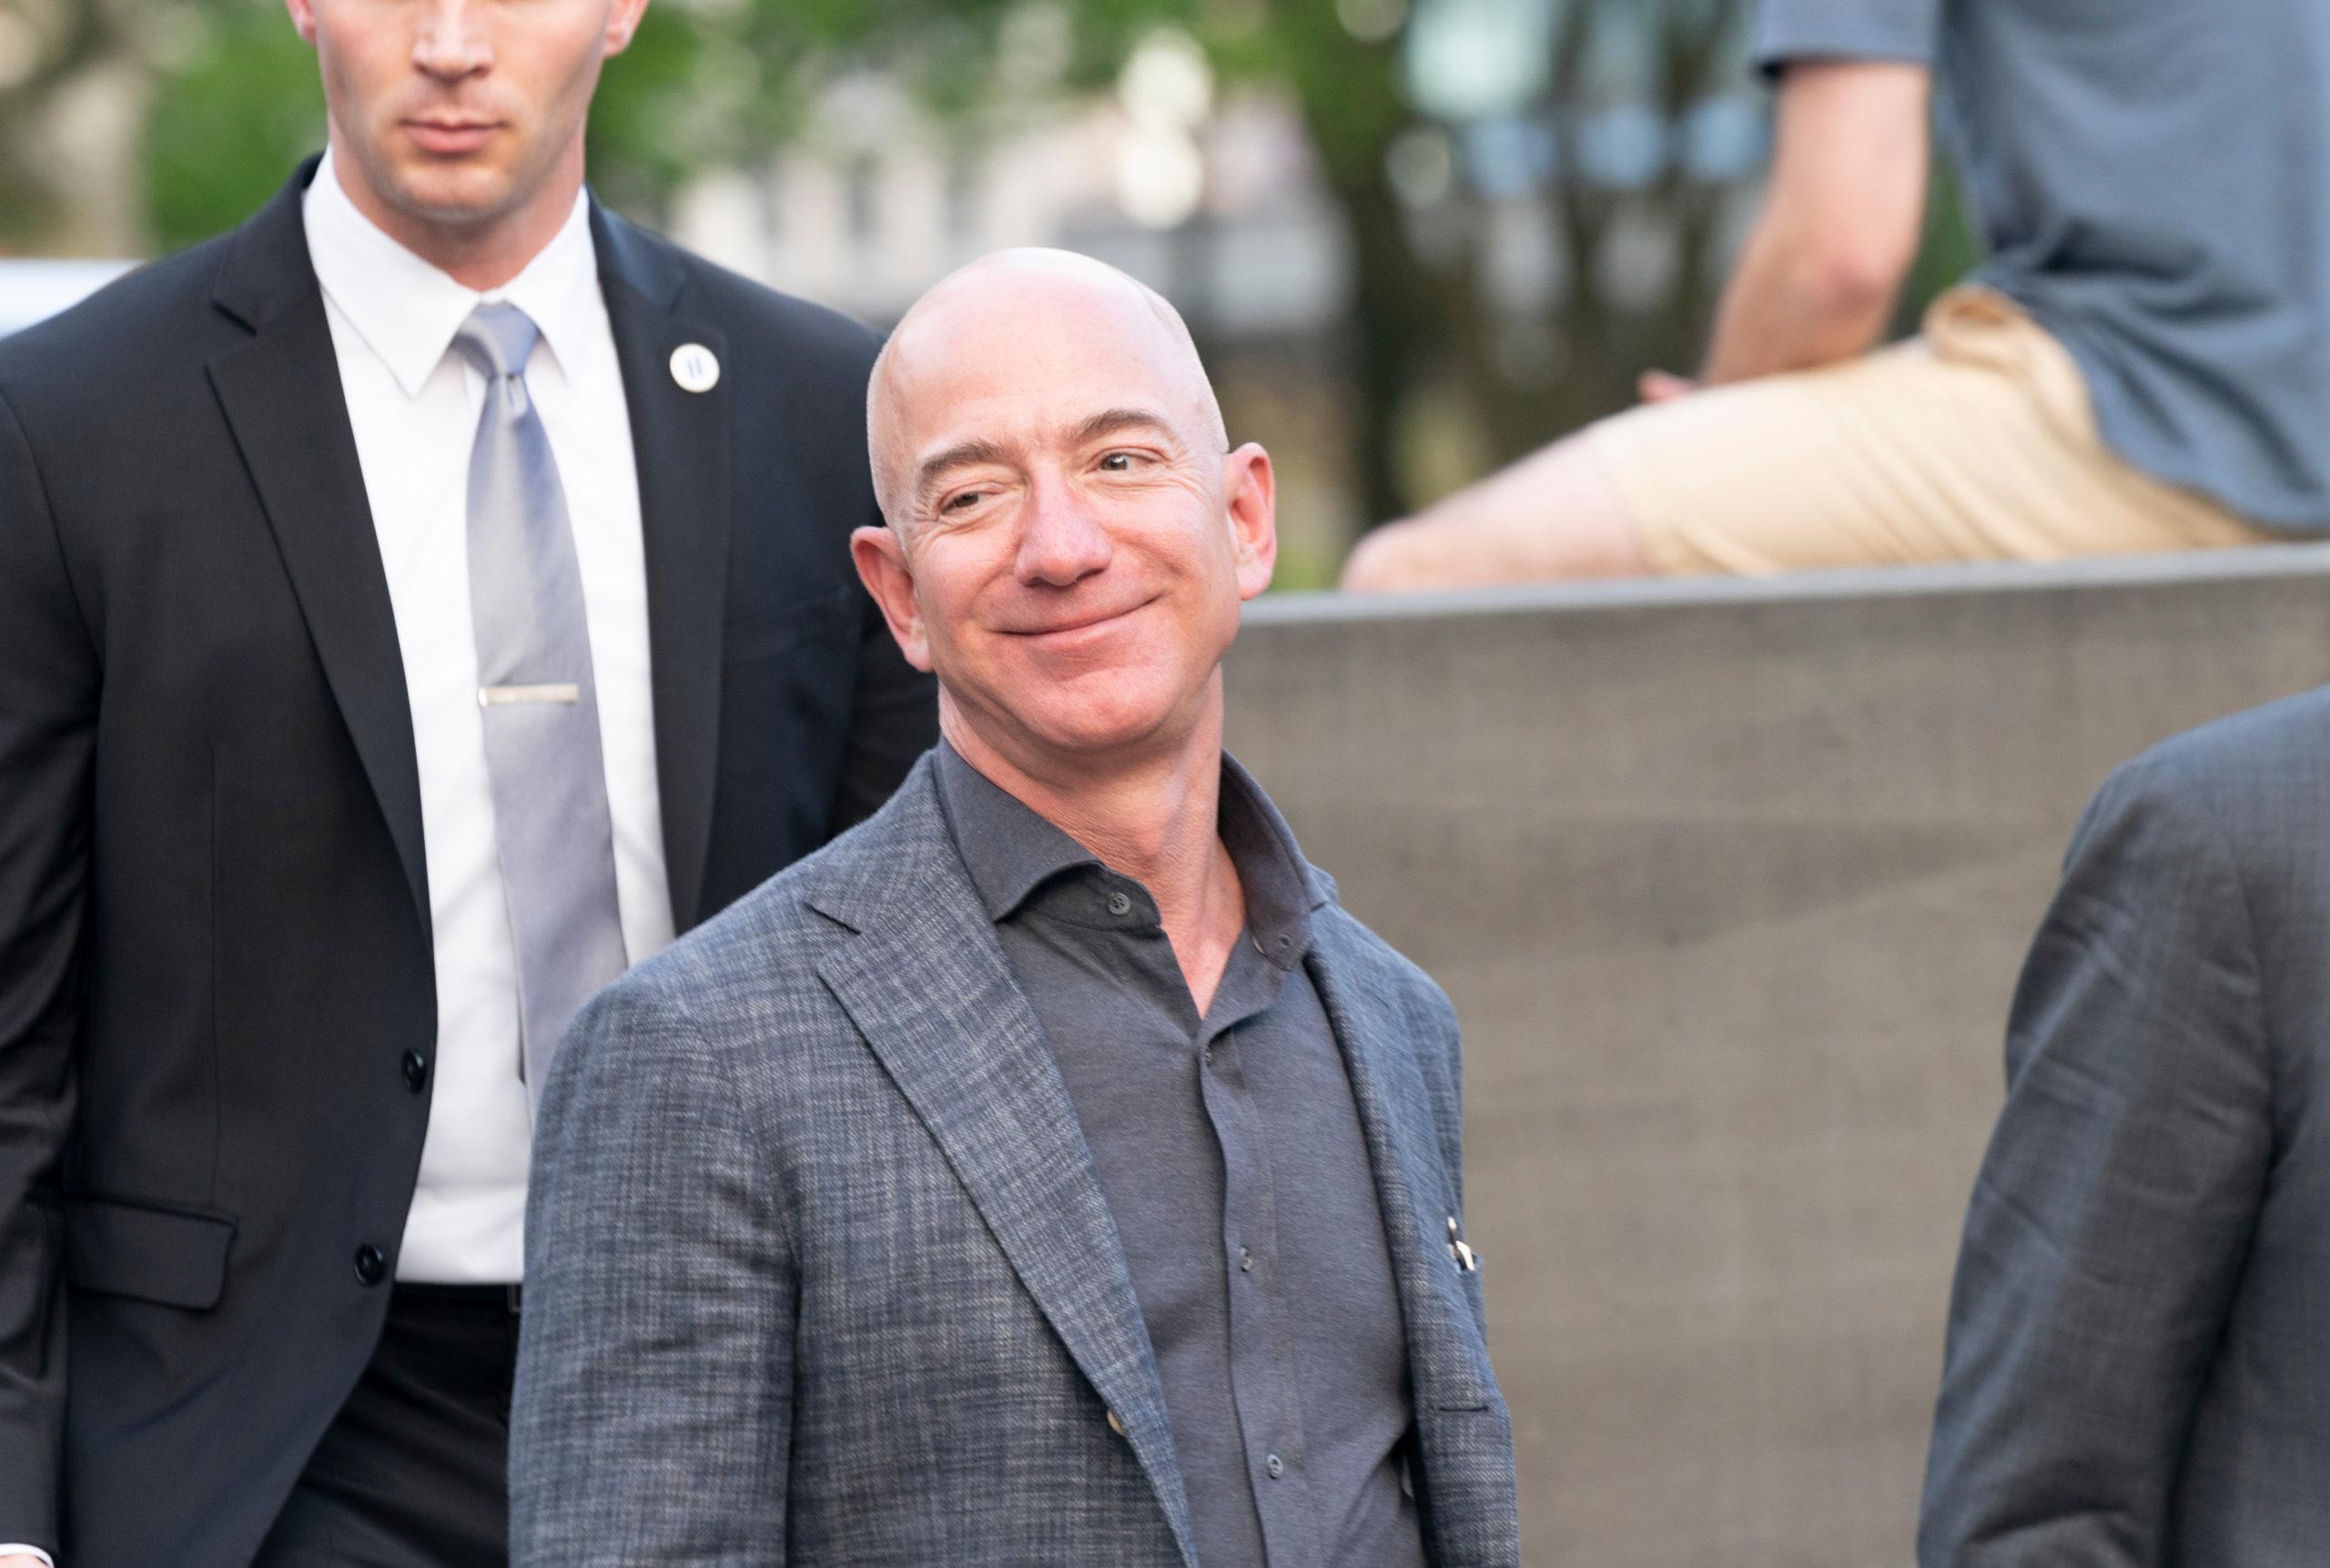 La regla del silencio incómodo que usan Jeff Bezos, Tim Cook e incluso Steve Jobs